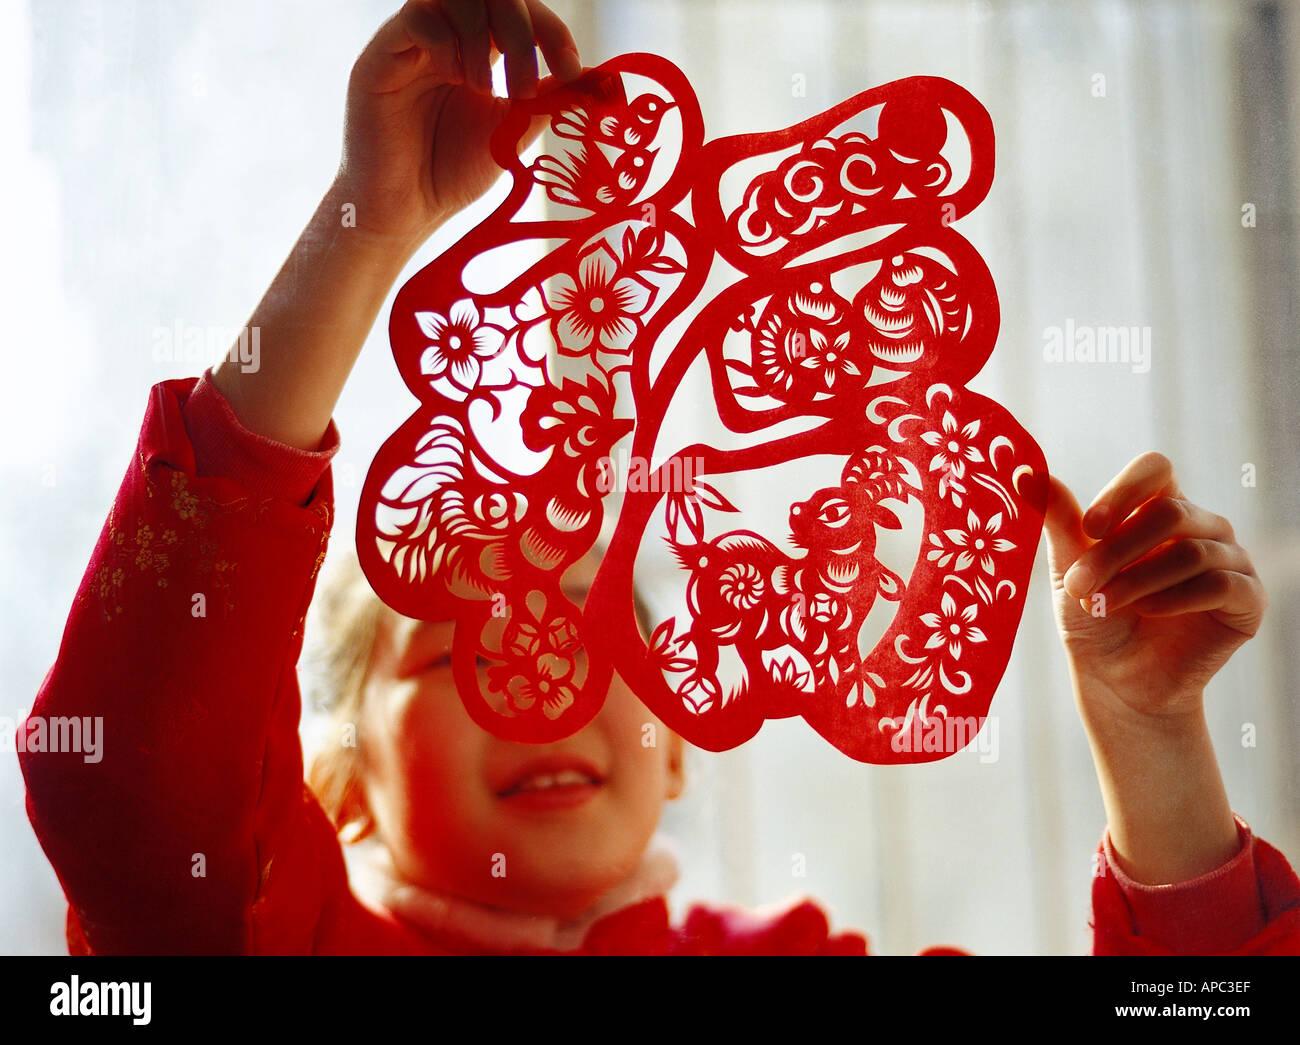 Un chino de 9 a 10 años de edad, niña pegando una ventana papel cortado en la víspera del año nuevo chino Foto de stock